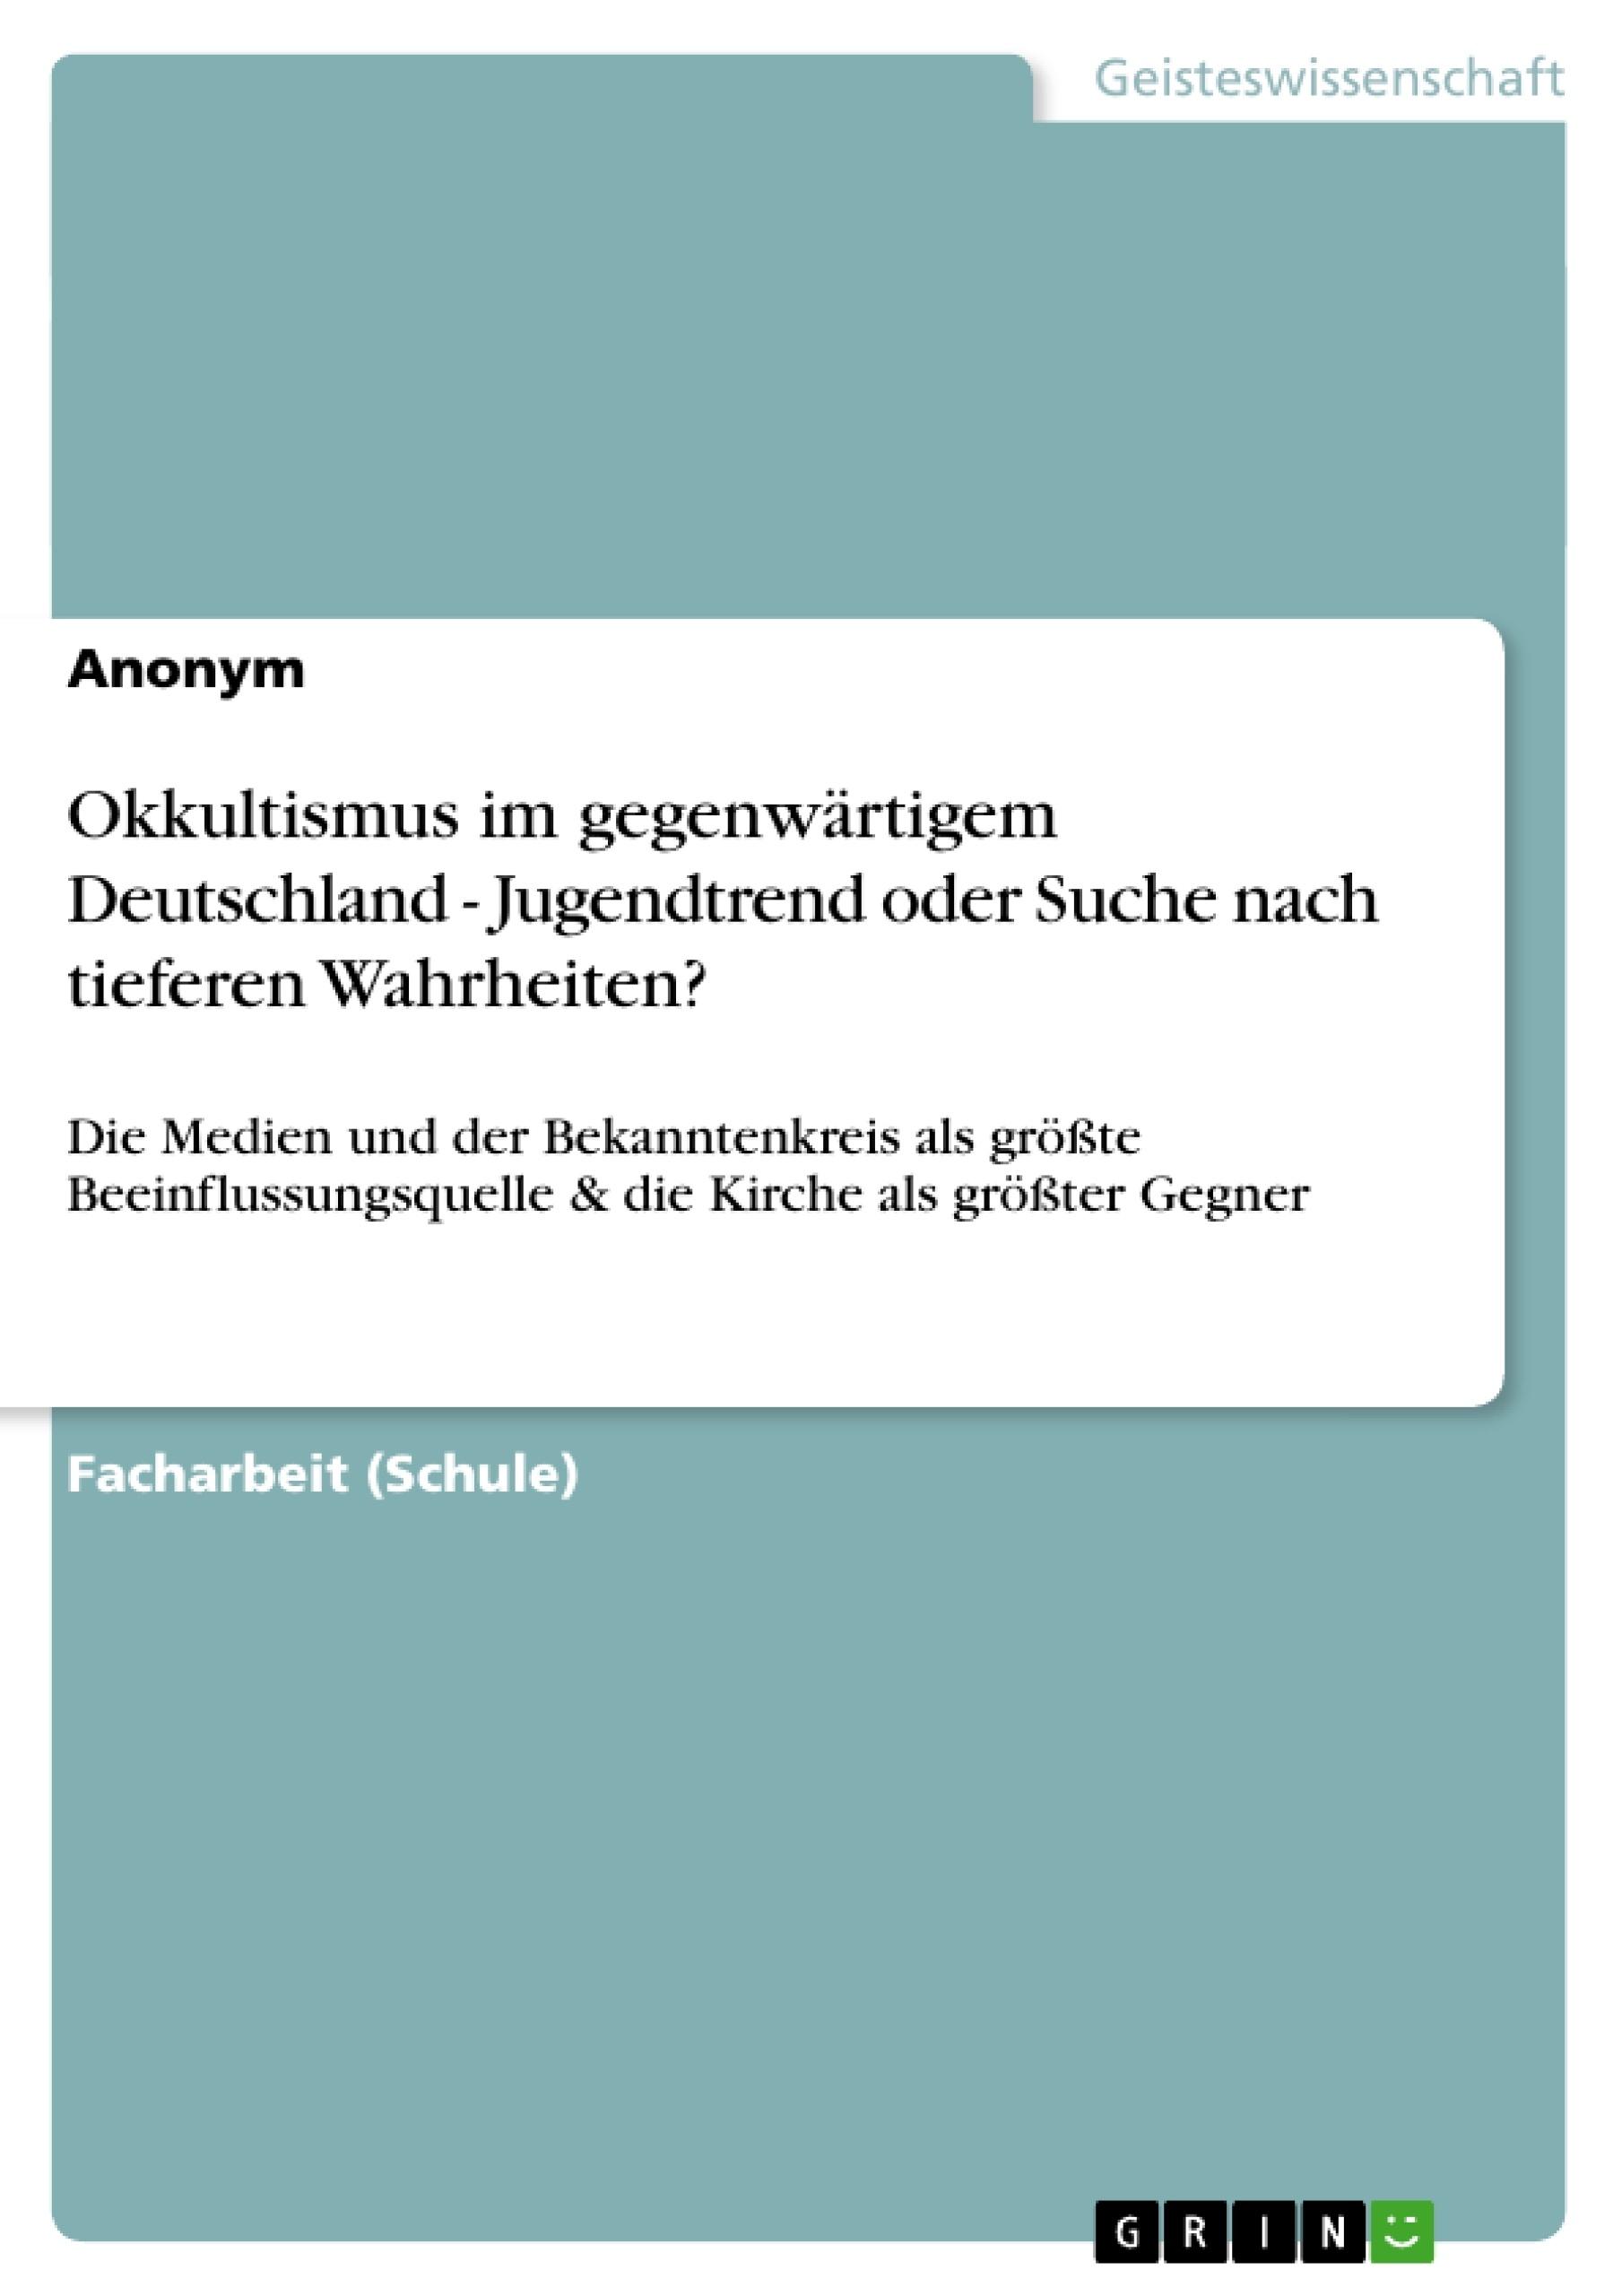 Titel: Okkultismus im gegenwärtigem Deutschland - Jugendtrend oder Suche nach tieferen Wahrheiten?